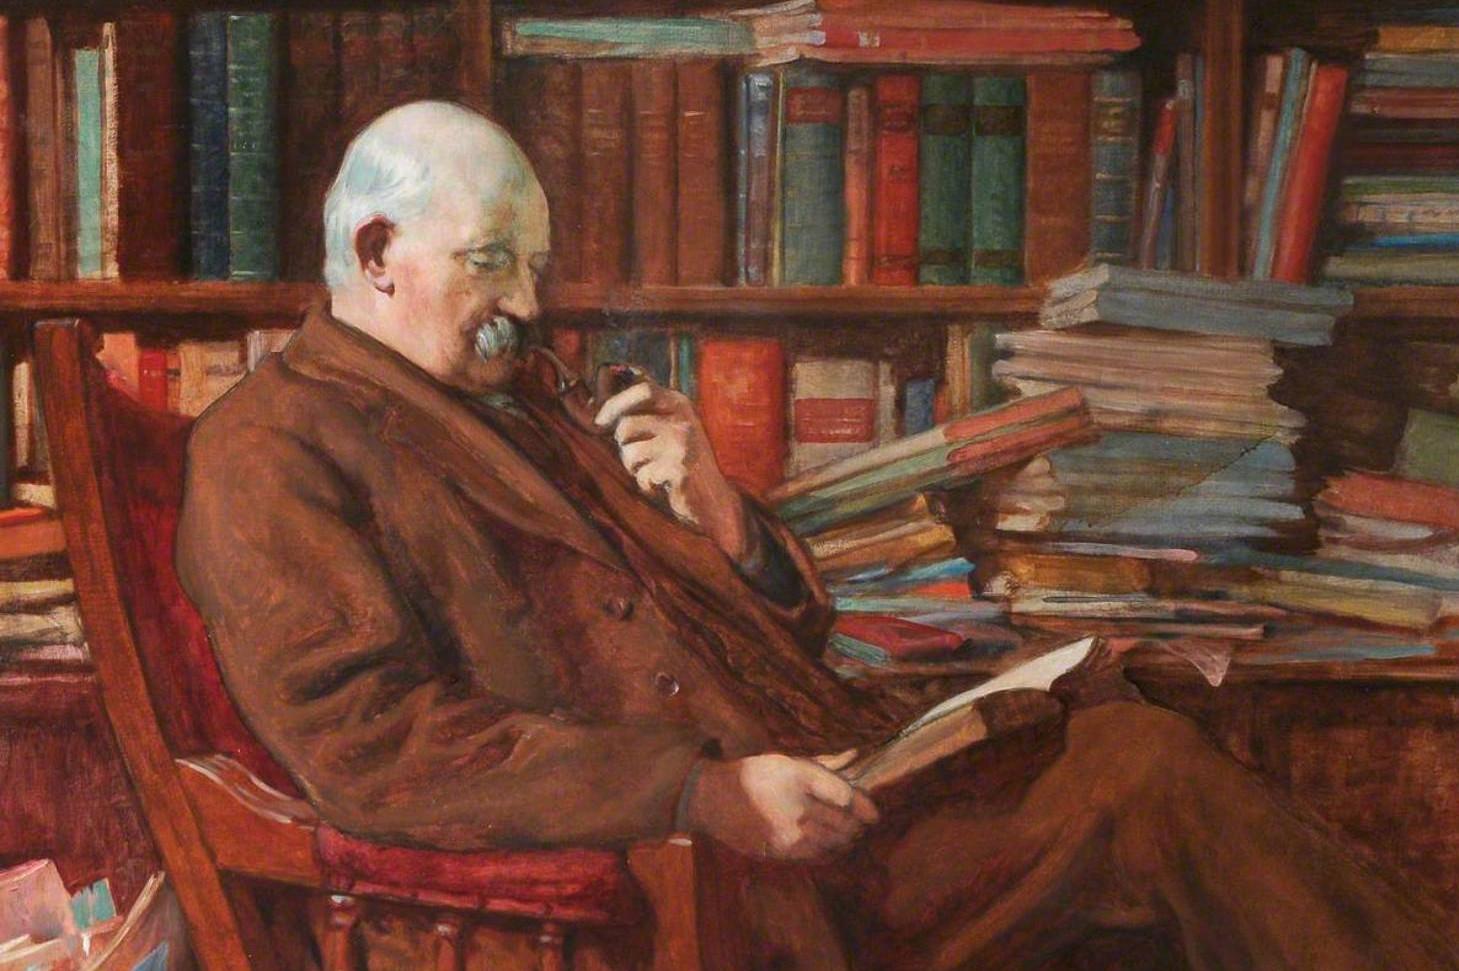 """Кристофер Вилијамс, """"Велечасни Томас Шенкленд, велшки библиотекар"""", 1923. (Фото: Wikioo)"""